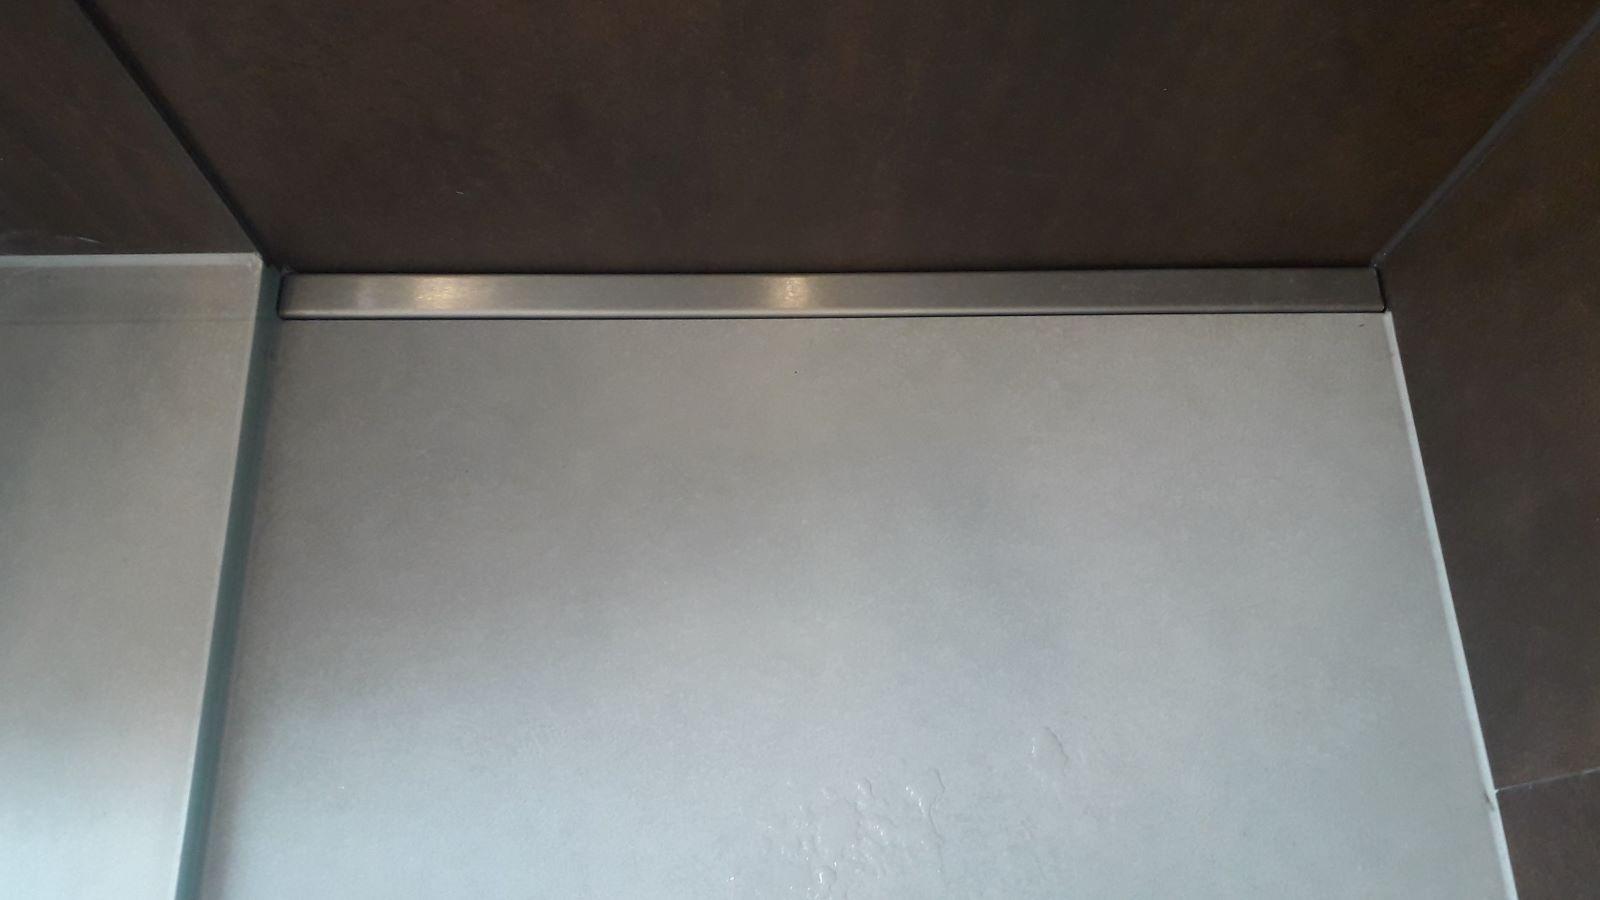 Auf dem bild sieht man das schlichte design der zeitlosen v4a edelstahl-duschrinne pro, hier wandbuendig eingebaut. Die unauffaellige edelstahl-abdeckung passt hervorragend zur modernen optik dieser barrierefreien dusche mit grossformatigen boden- und wandfliesen.